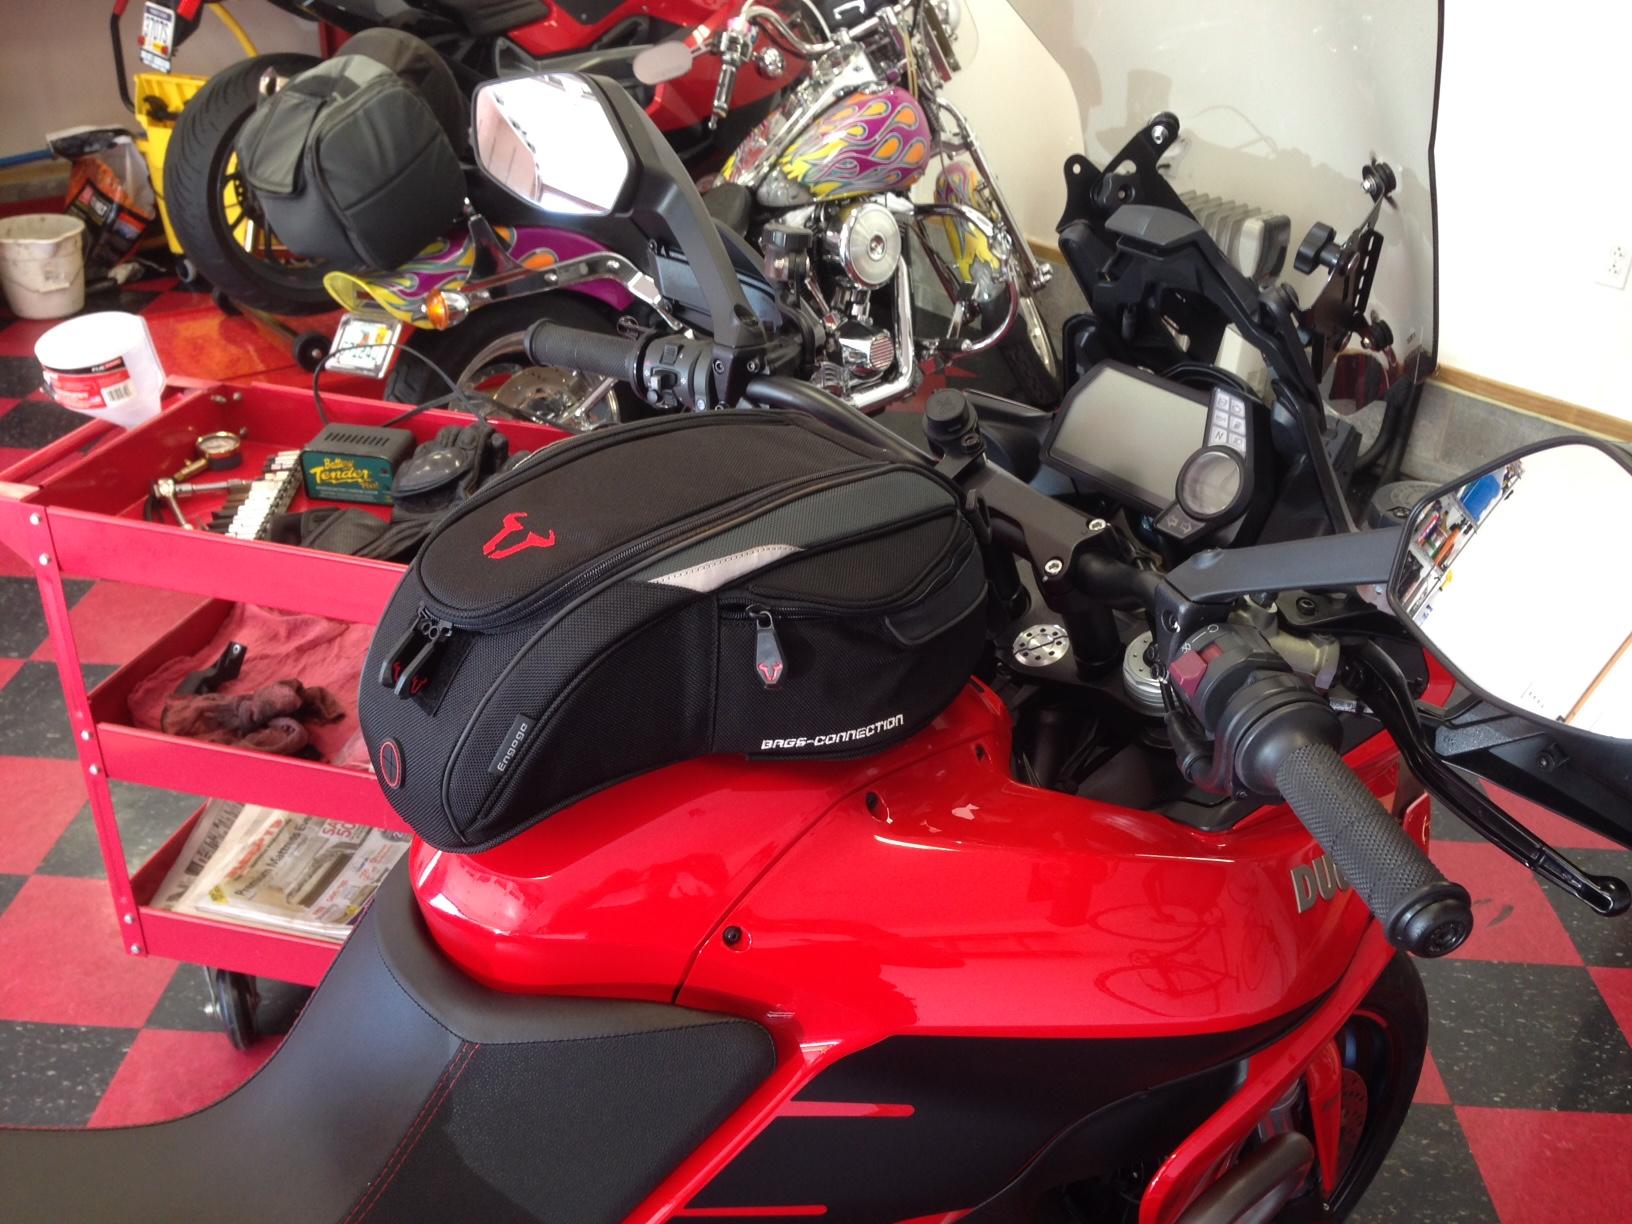 Ducati Multistrada Tank Bag